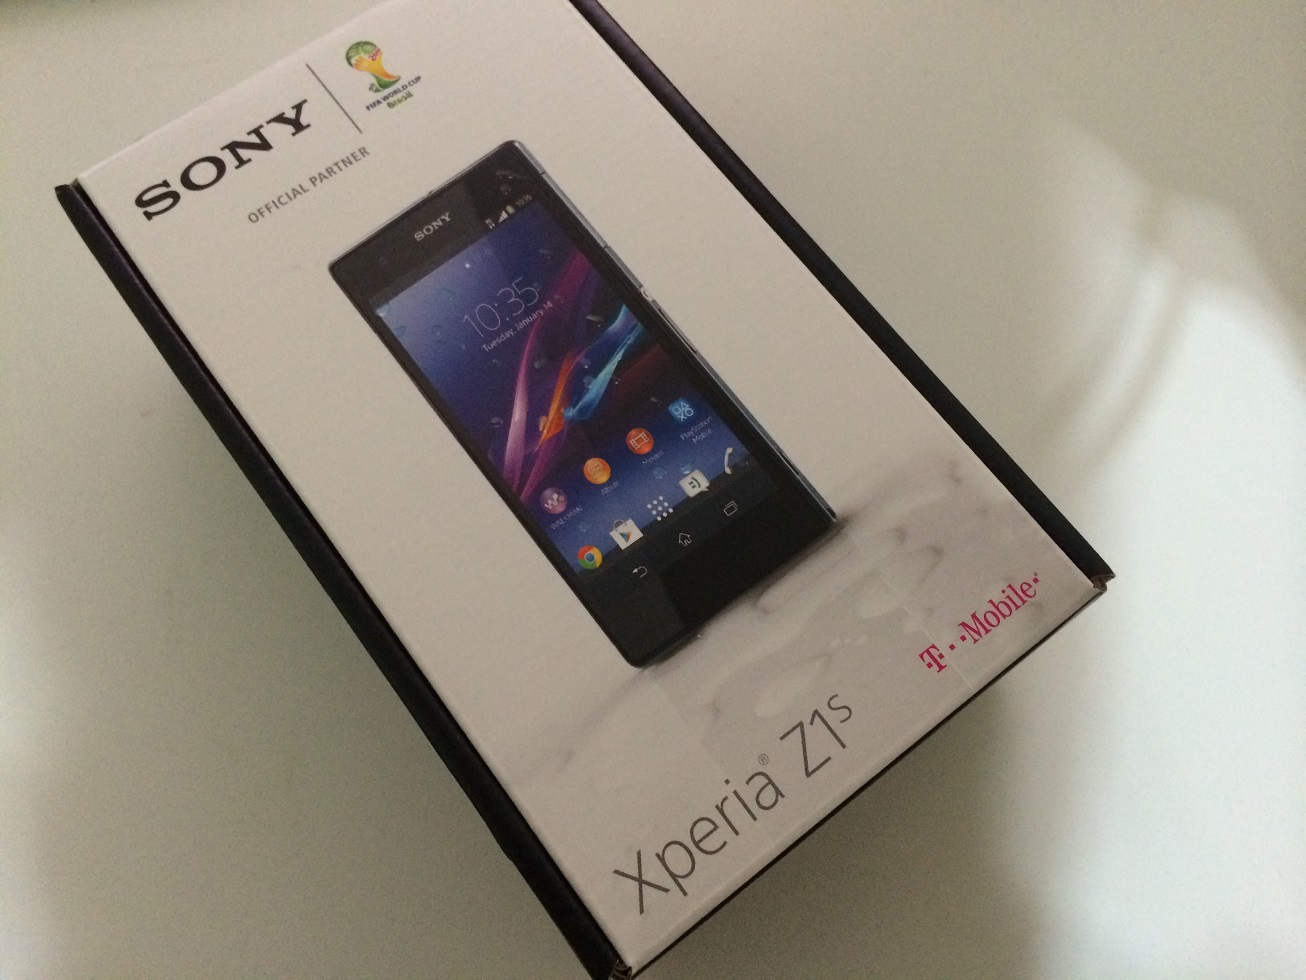 BNIB Sony Xperia Z1s 32GB T-Mobile